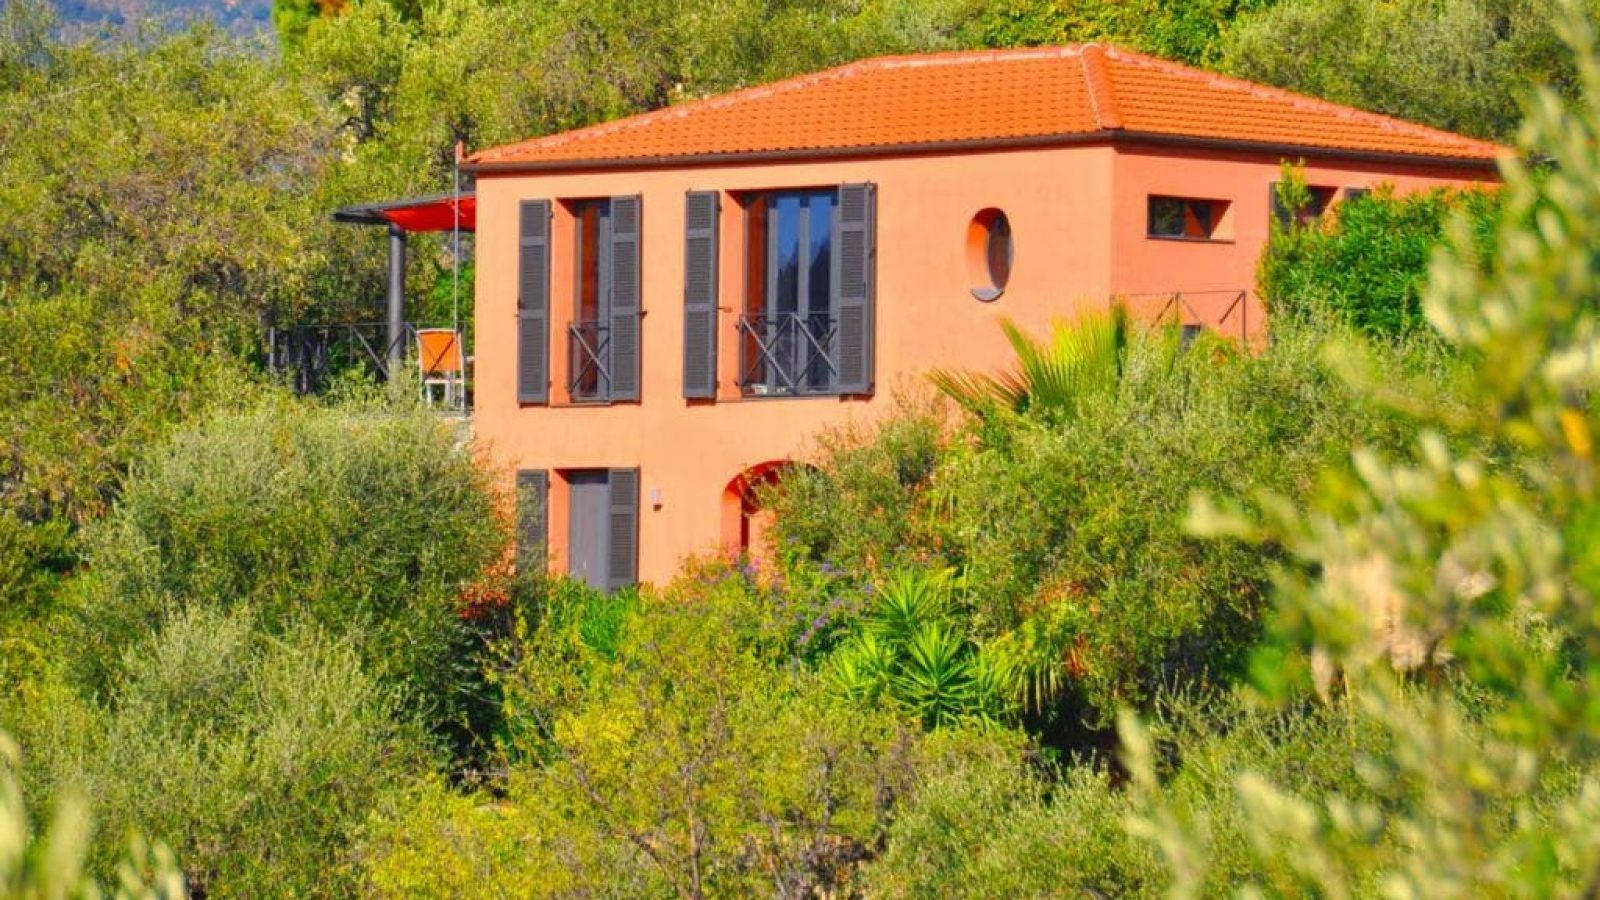 Das Ferienhaus Casa Fiori auf dem Colle Lupi von aussen.